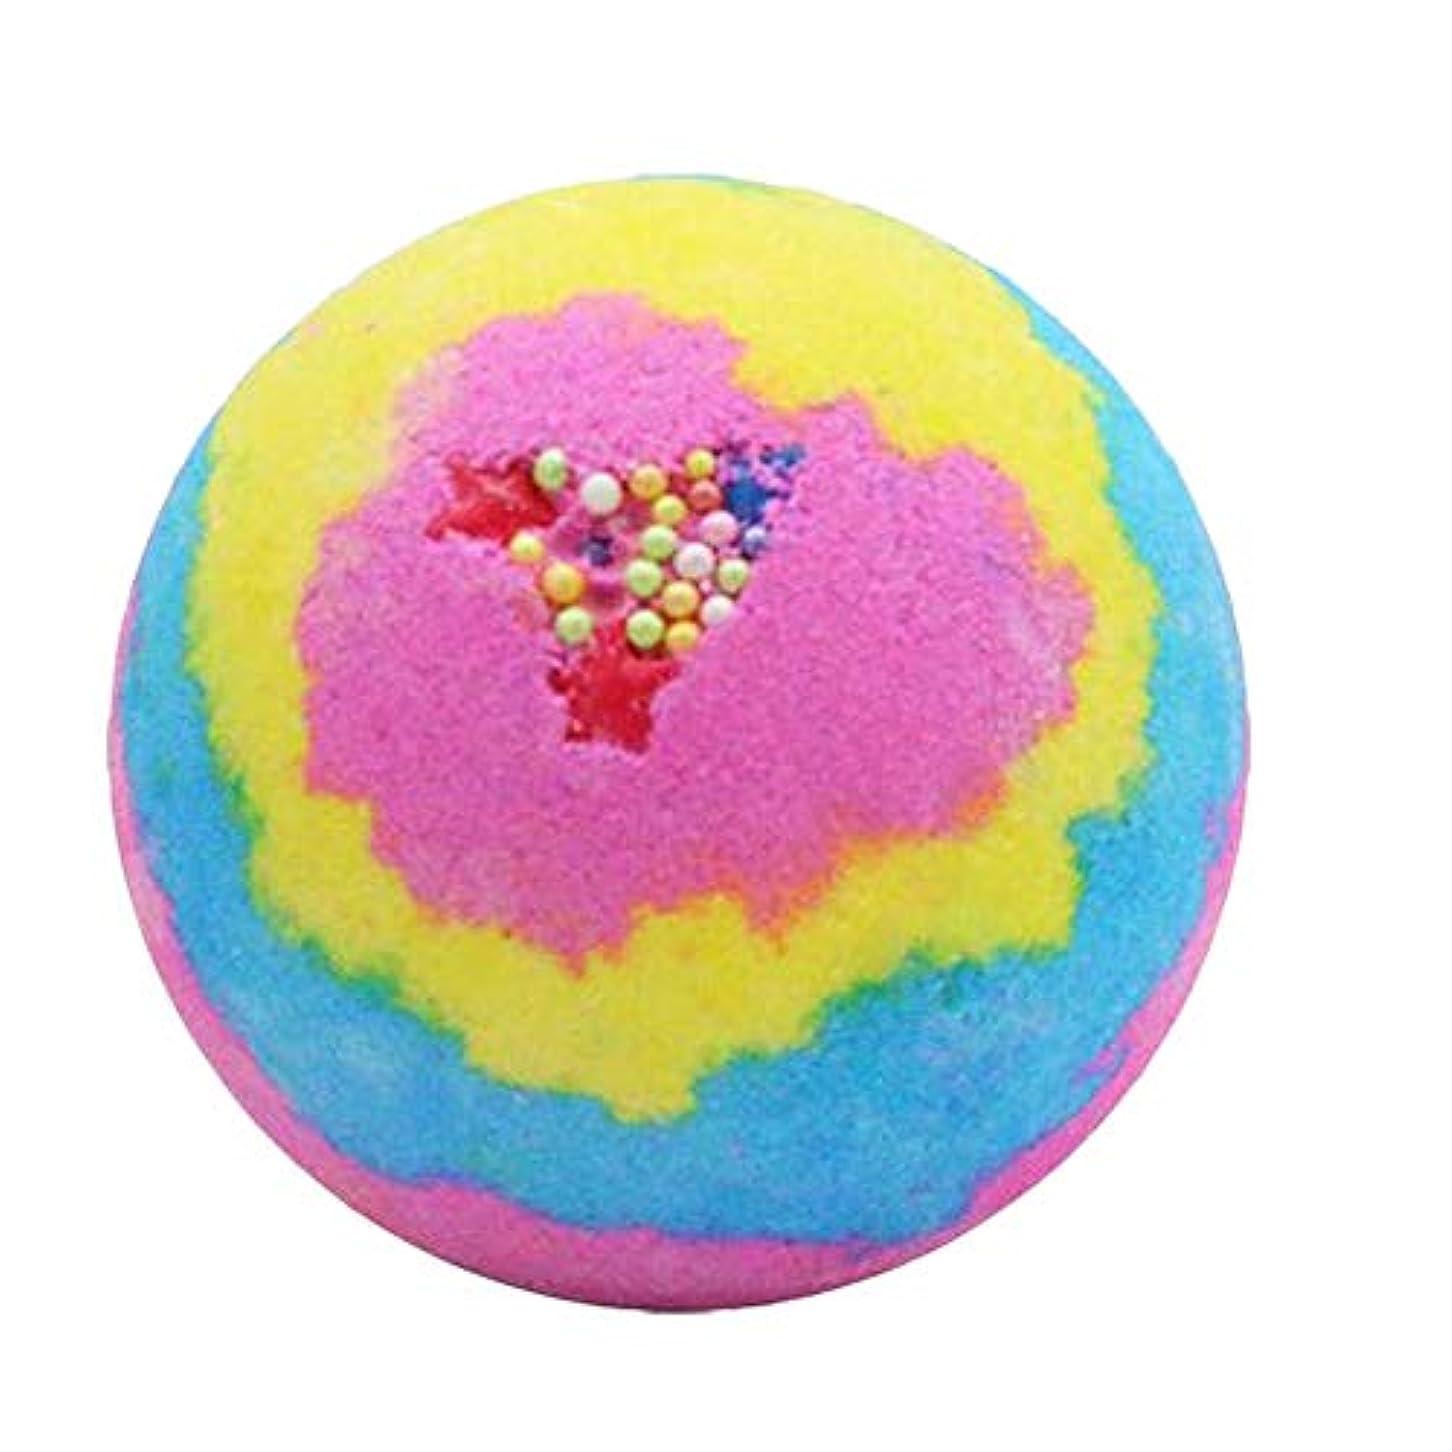 アンソロジー公爵筋RETYLY レインボー ローズ入浴ボムズボール、スパ 誕生日プレゼント 潤いを与えます 女性のため、彼女のためのバスボムギフト